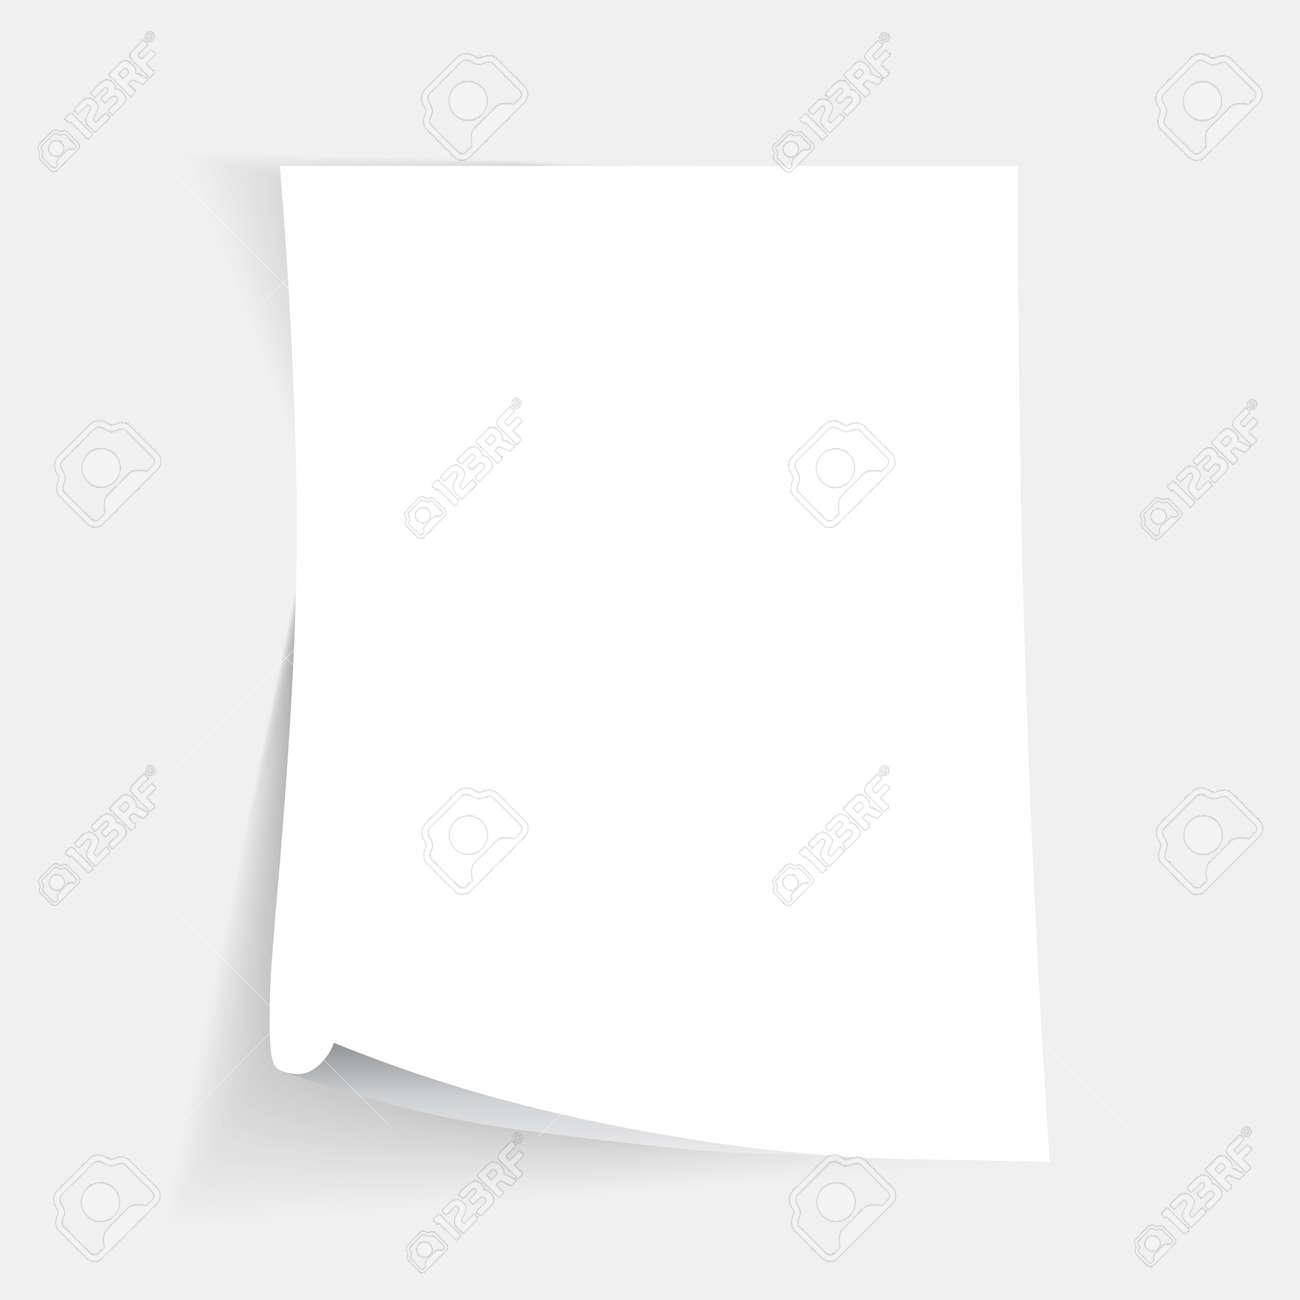 Empty folded paper sheet - 49395715